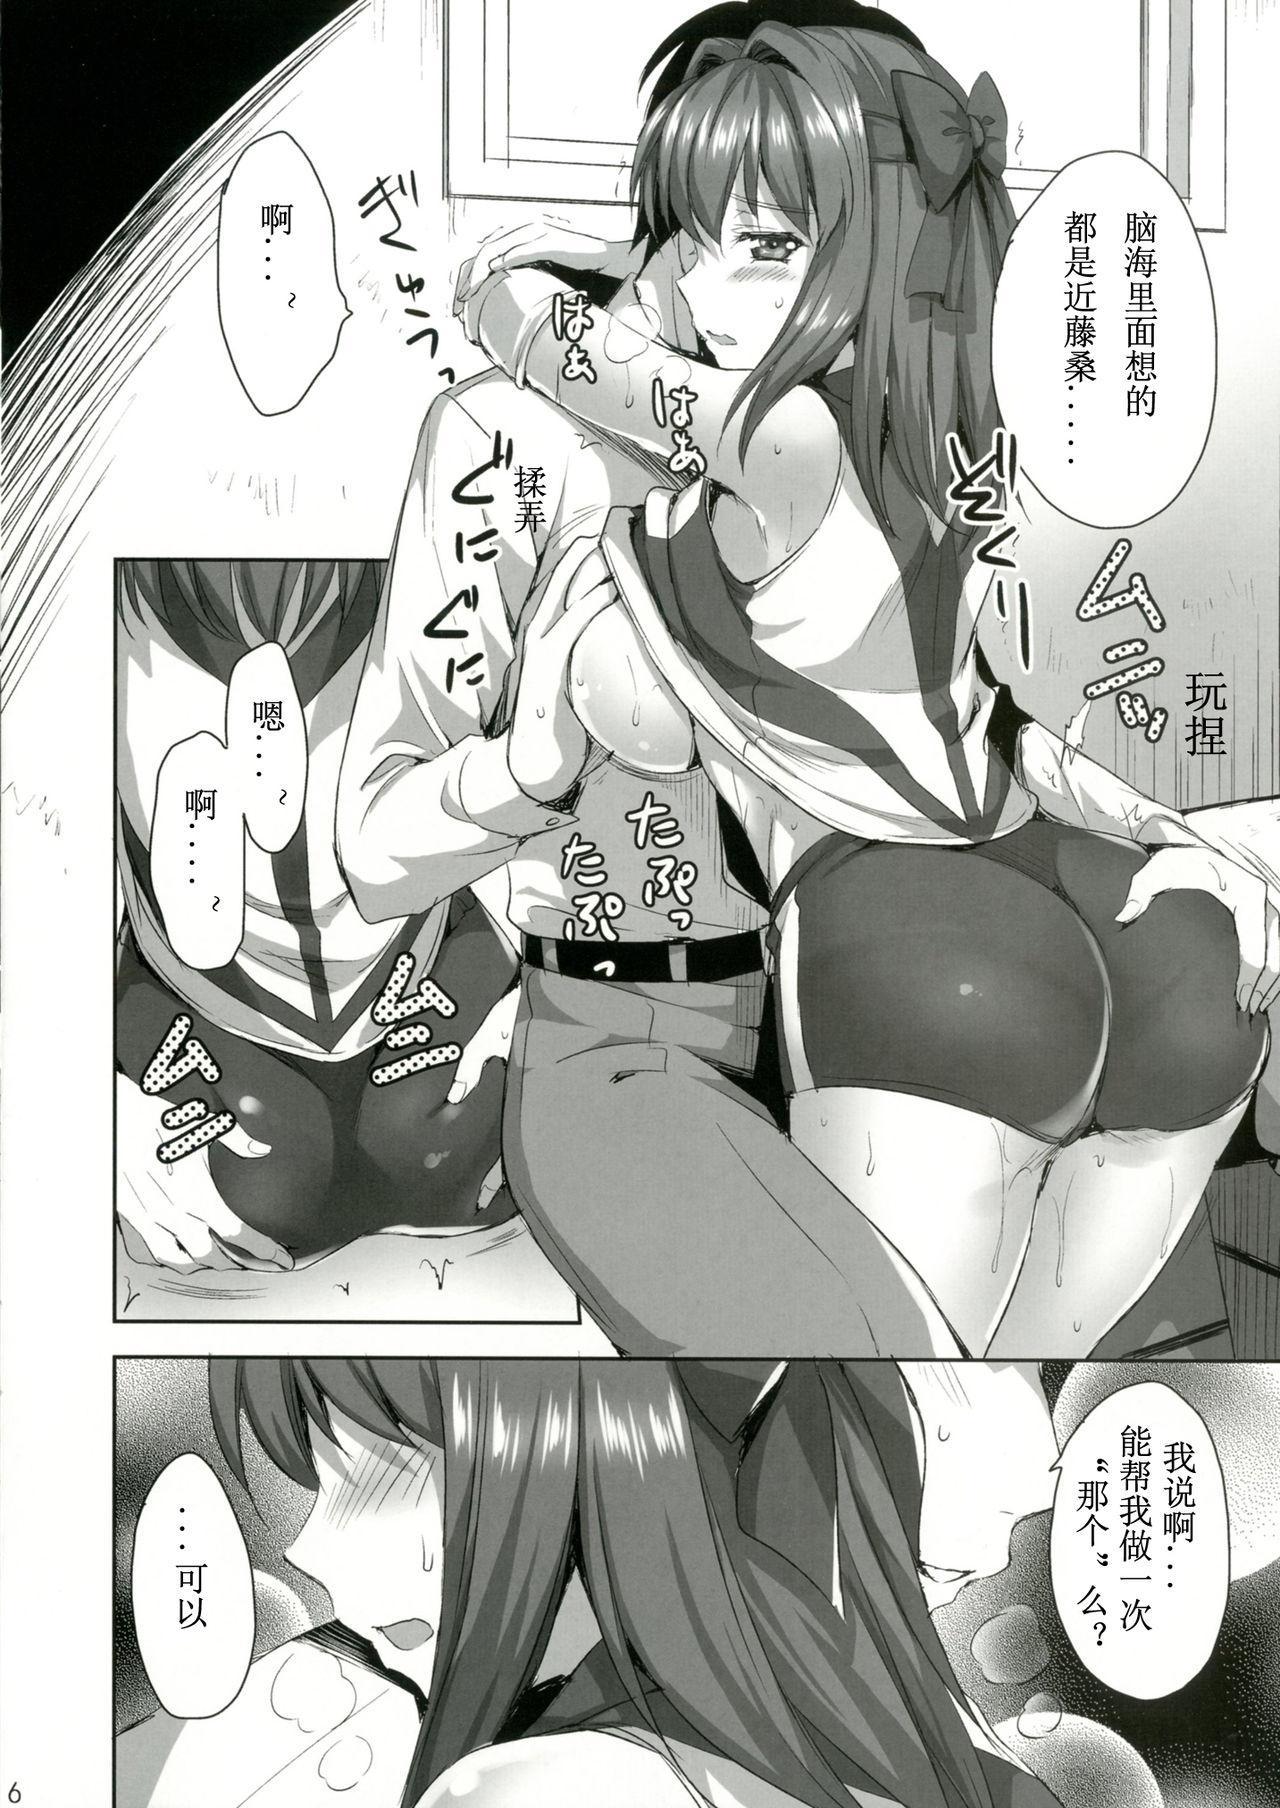 Sensei, Choudai 4